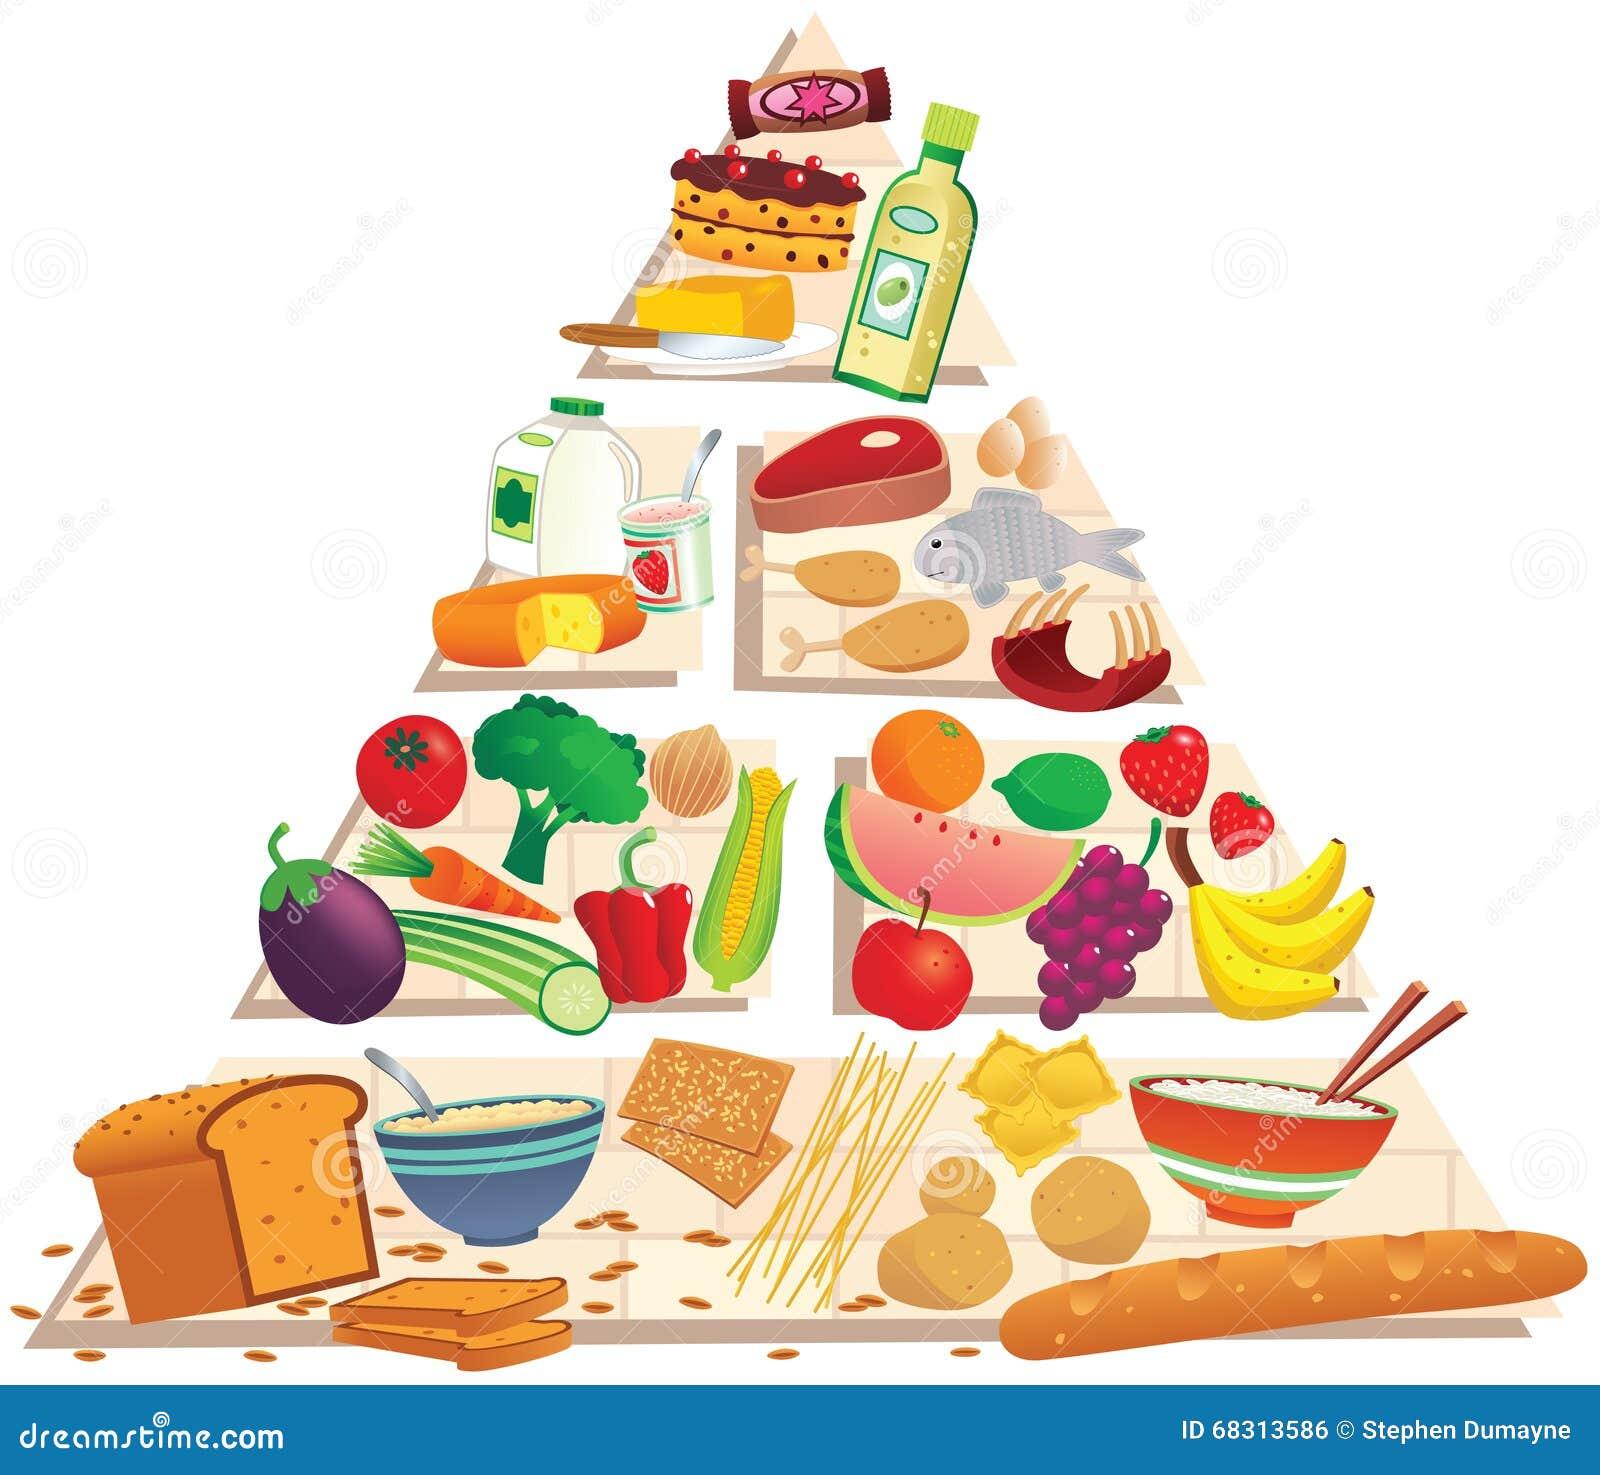 Frucht, Gemüse, Fleisch, Milch, Mutter, Brot und Käse getrennt auf Weiß